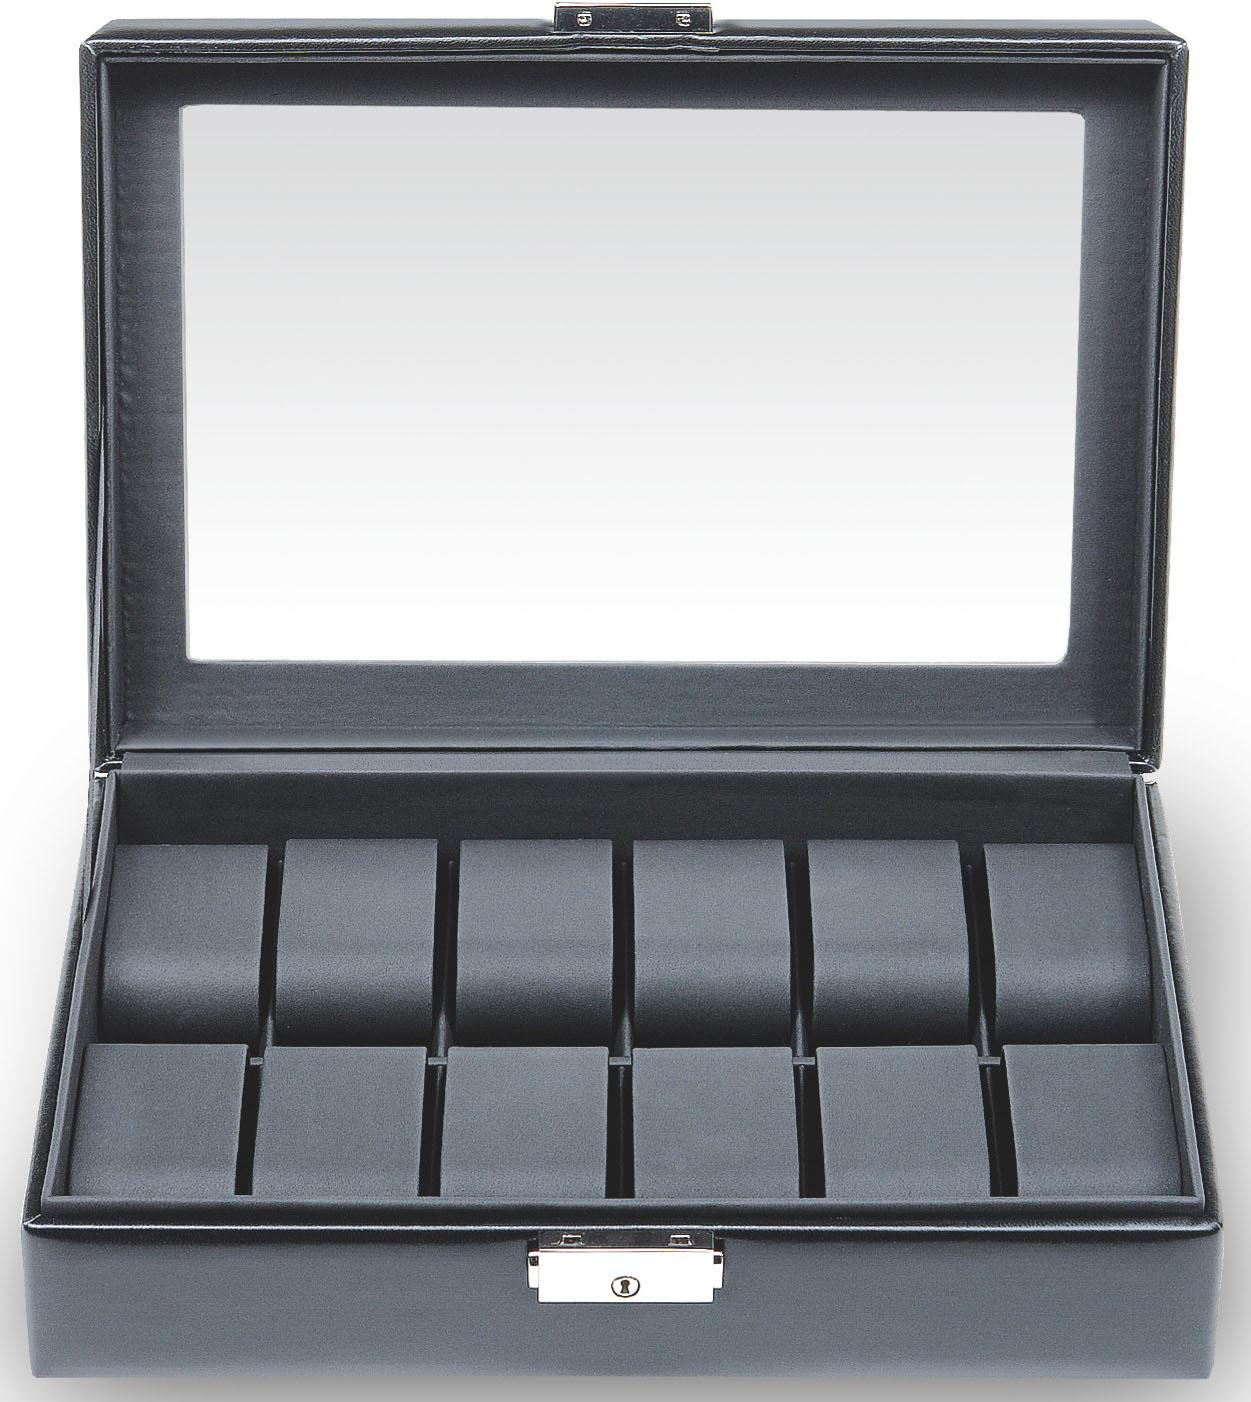 Sacher Uhrenetui Black Exclusive, 2119.0104N04, Handmade in Germany günstig online kaufen